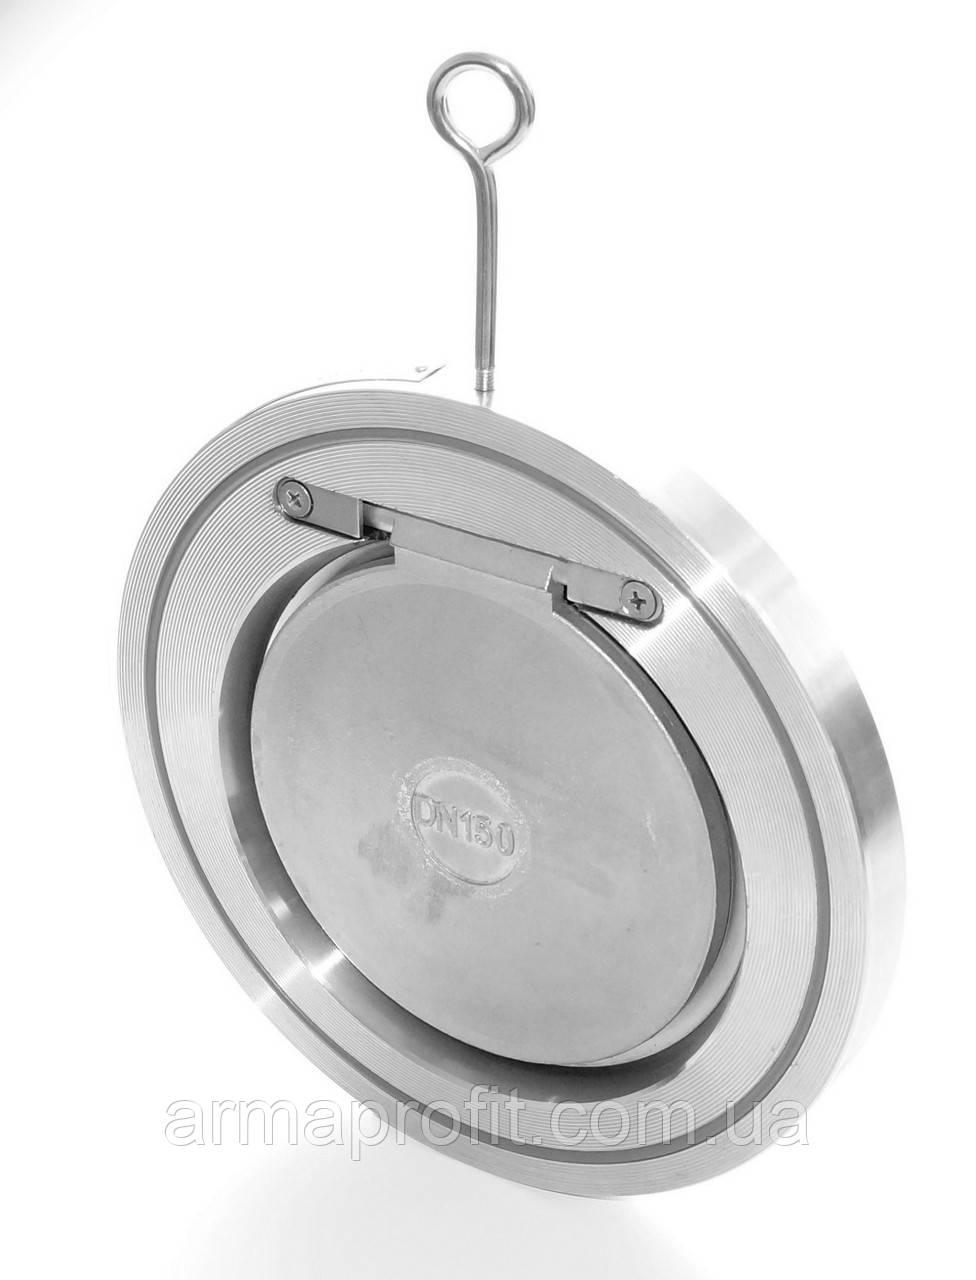 Клапан обратный нержавеющий межфланцевый GENEBRE тип 2406 AISI316 Ду100 Ру16